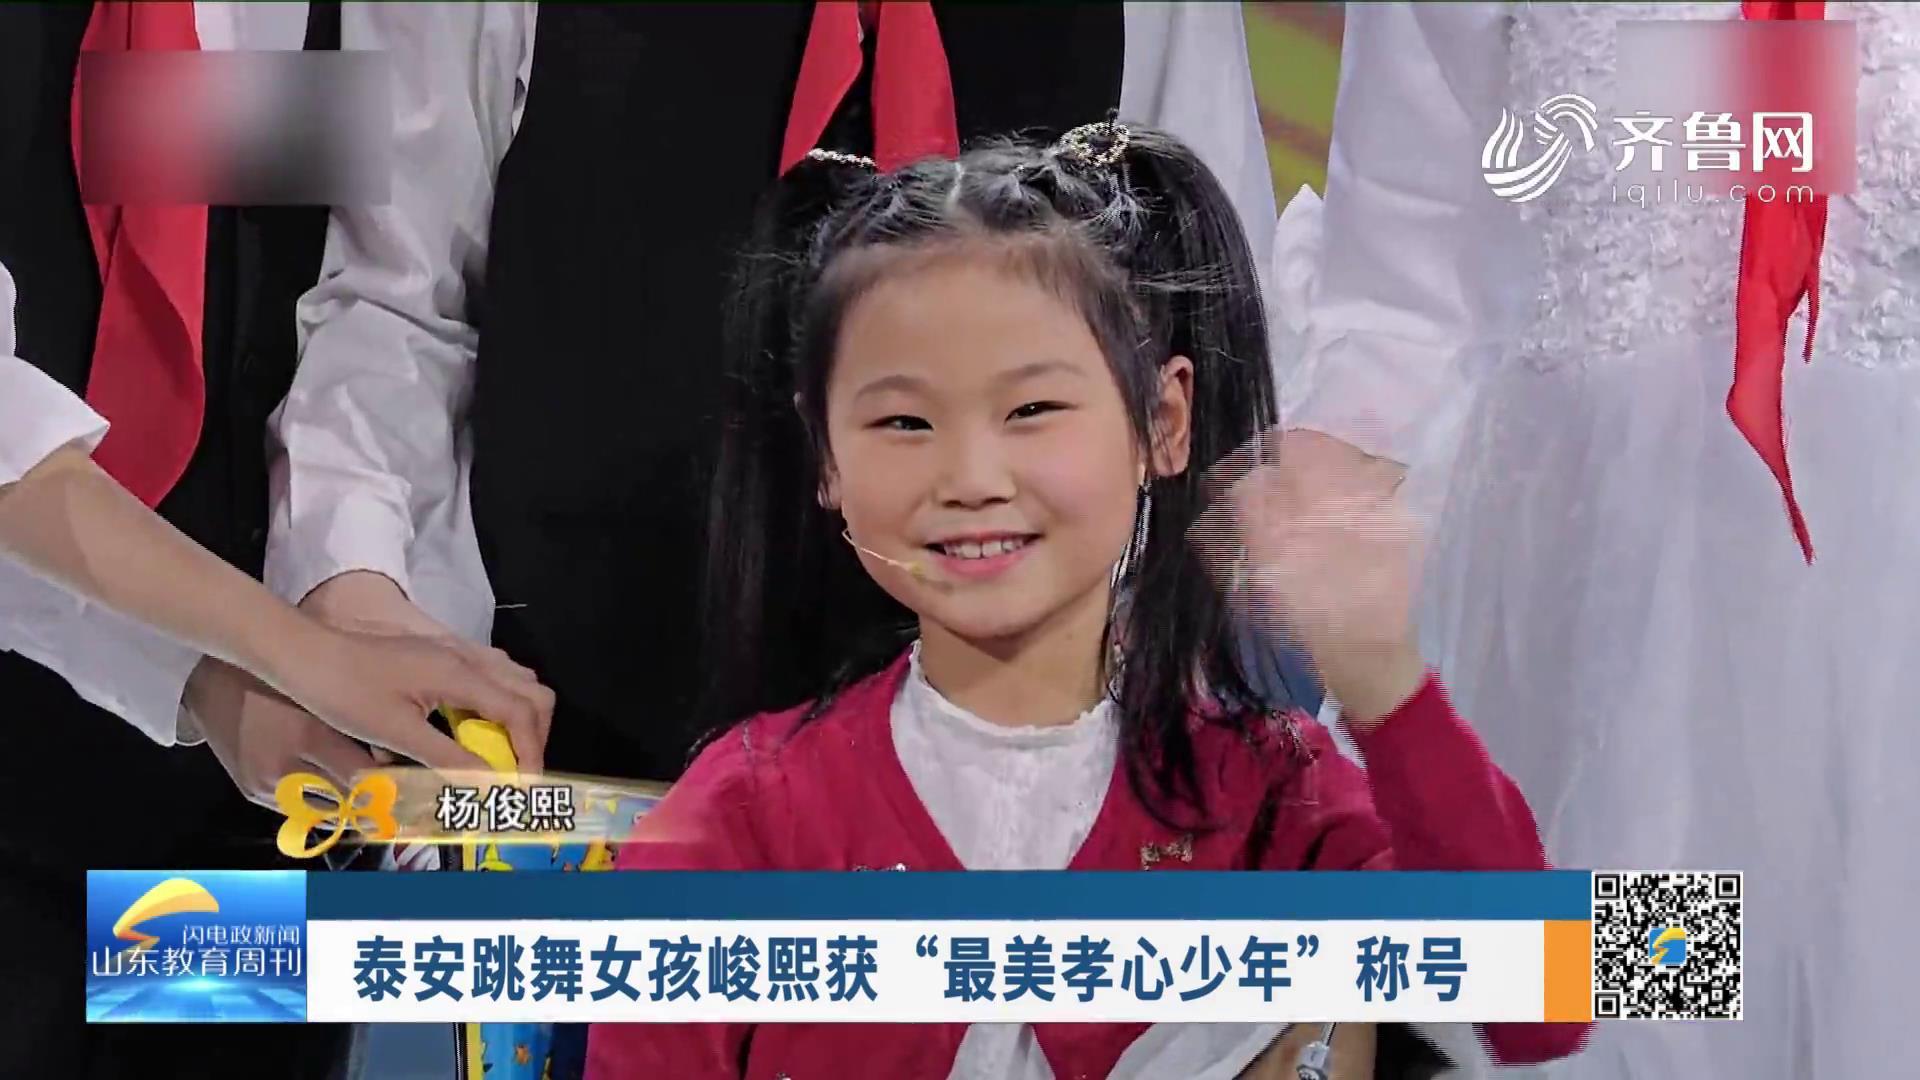 """泰安跳舞女孩峻熙获""""最美孝心少年""""称号《山东教育周刊》20210113播出"""